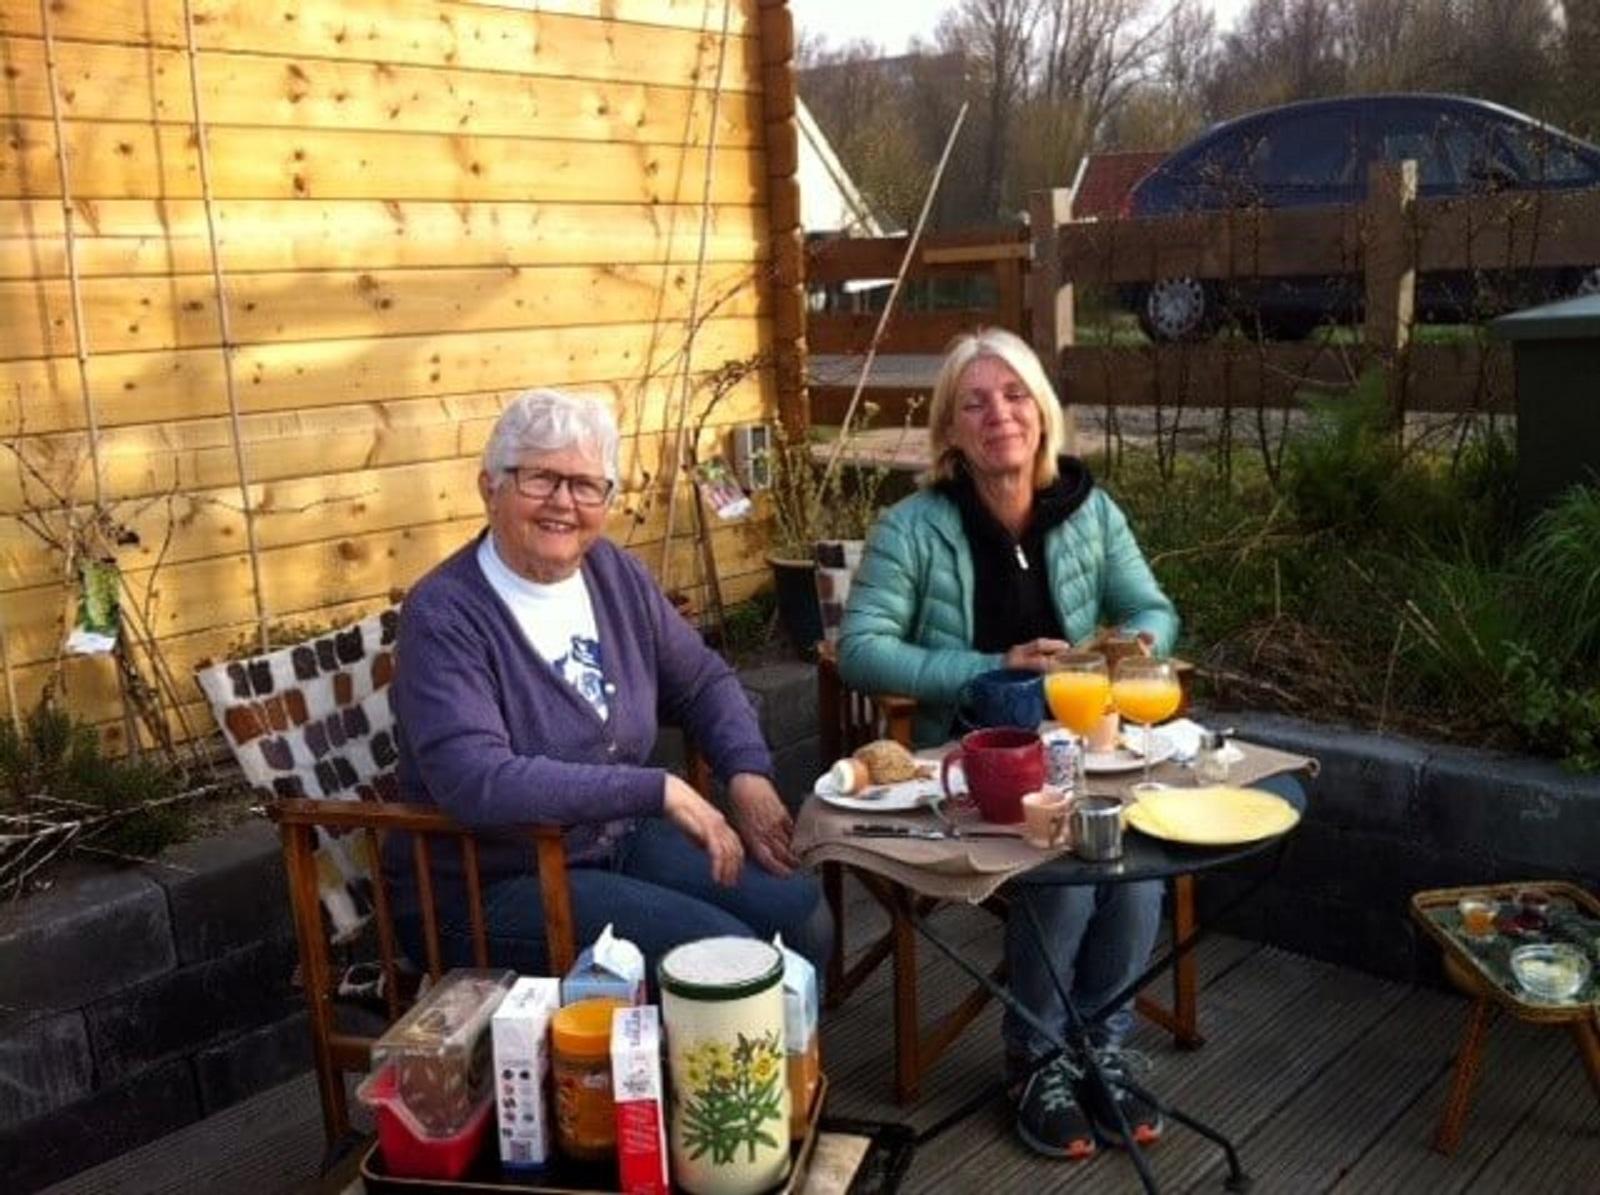 Ontbijt in de tuin - Houseboat Harmony - Bed & Breakfast Utrecht (4)